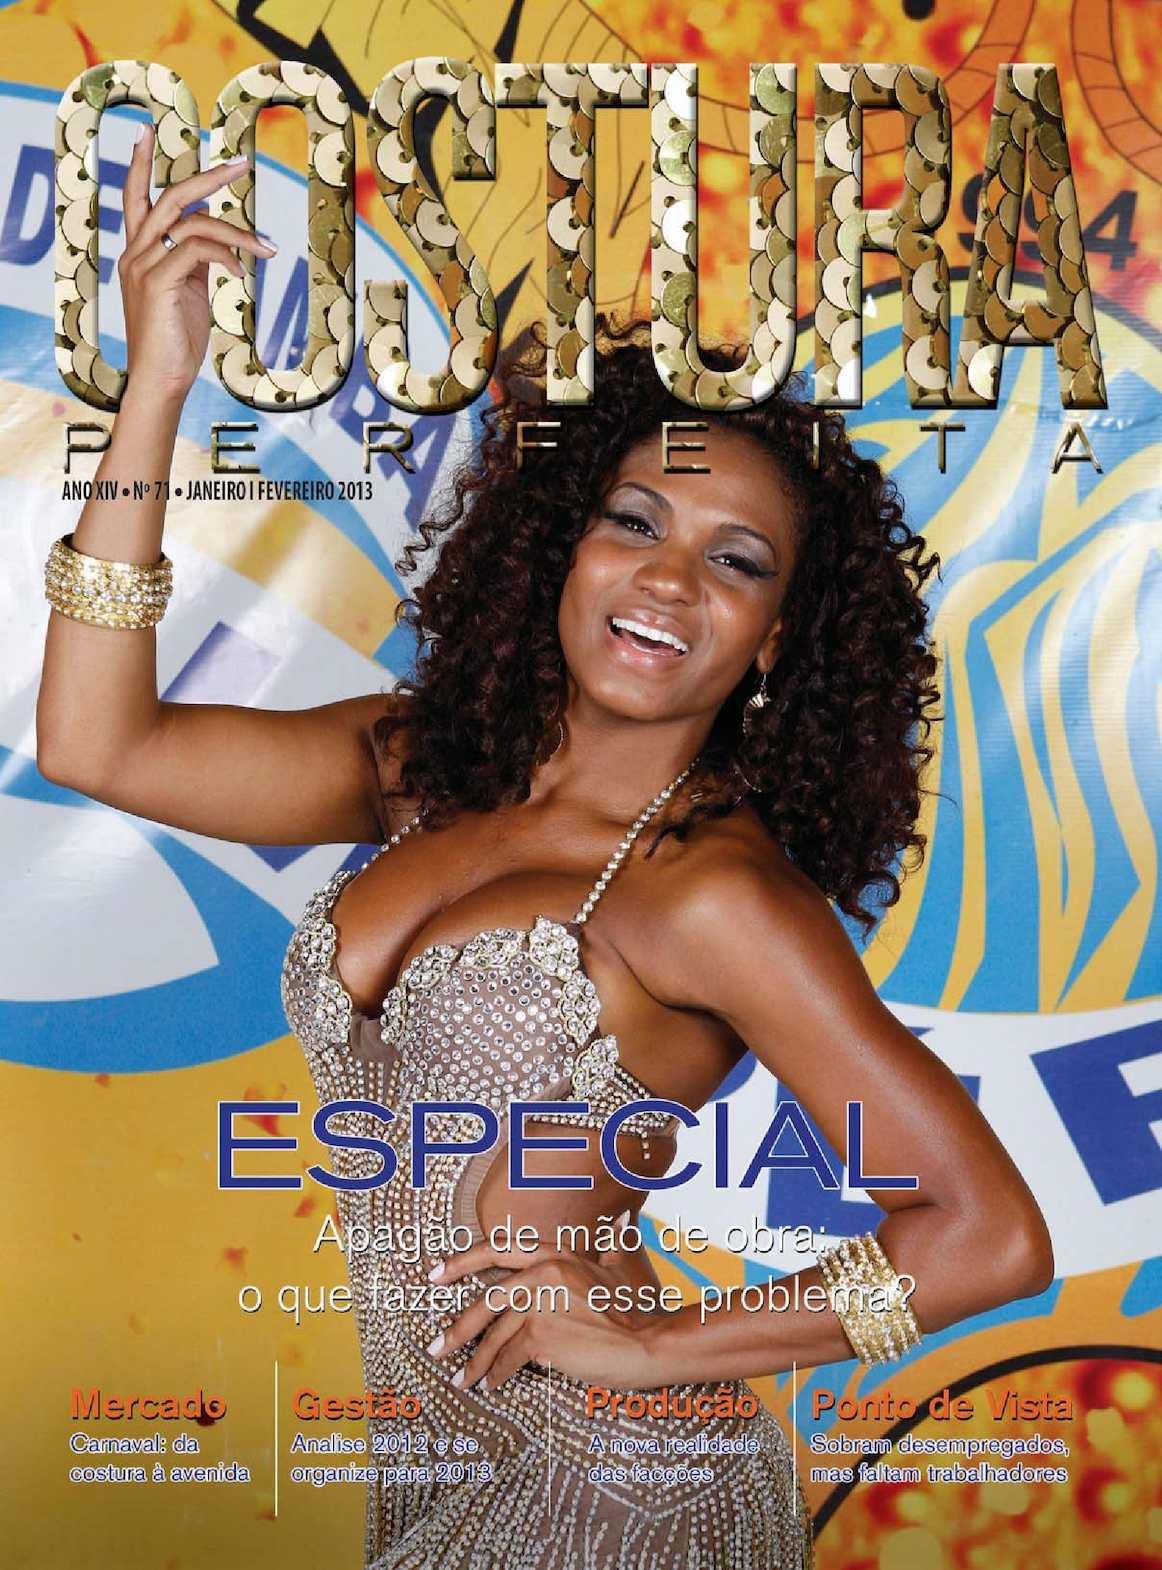 a5440562ff Calaméo - Revista Costura Perfeita Edição Ano XIV - N71 -  Janeiro-Fevereirol 2013